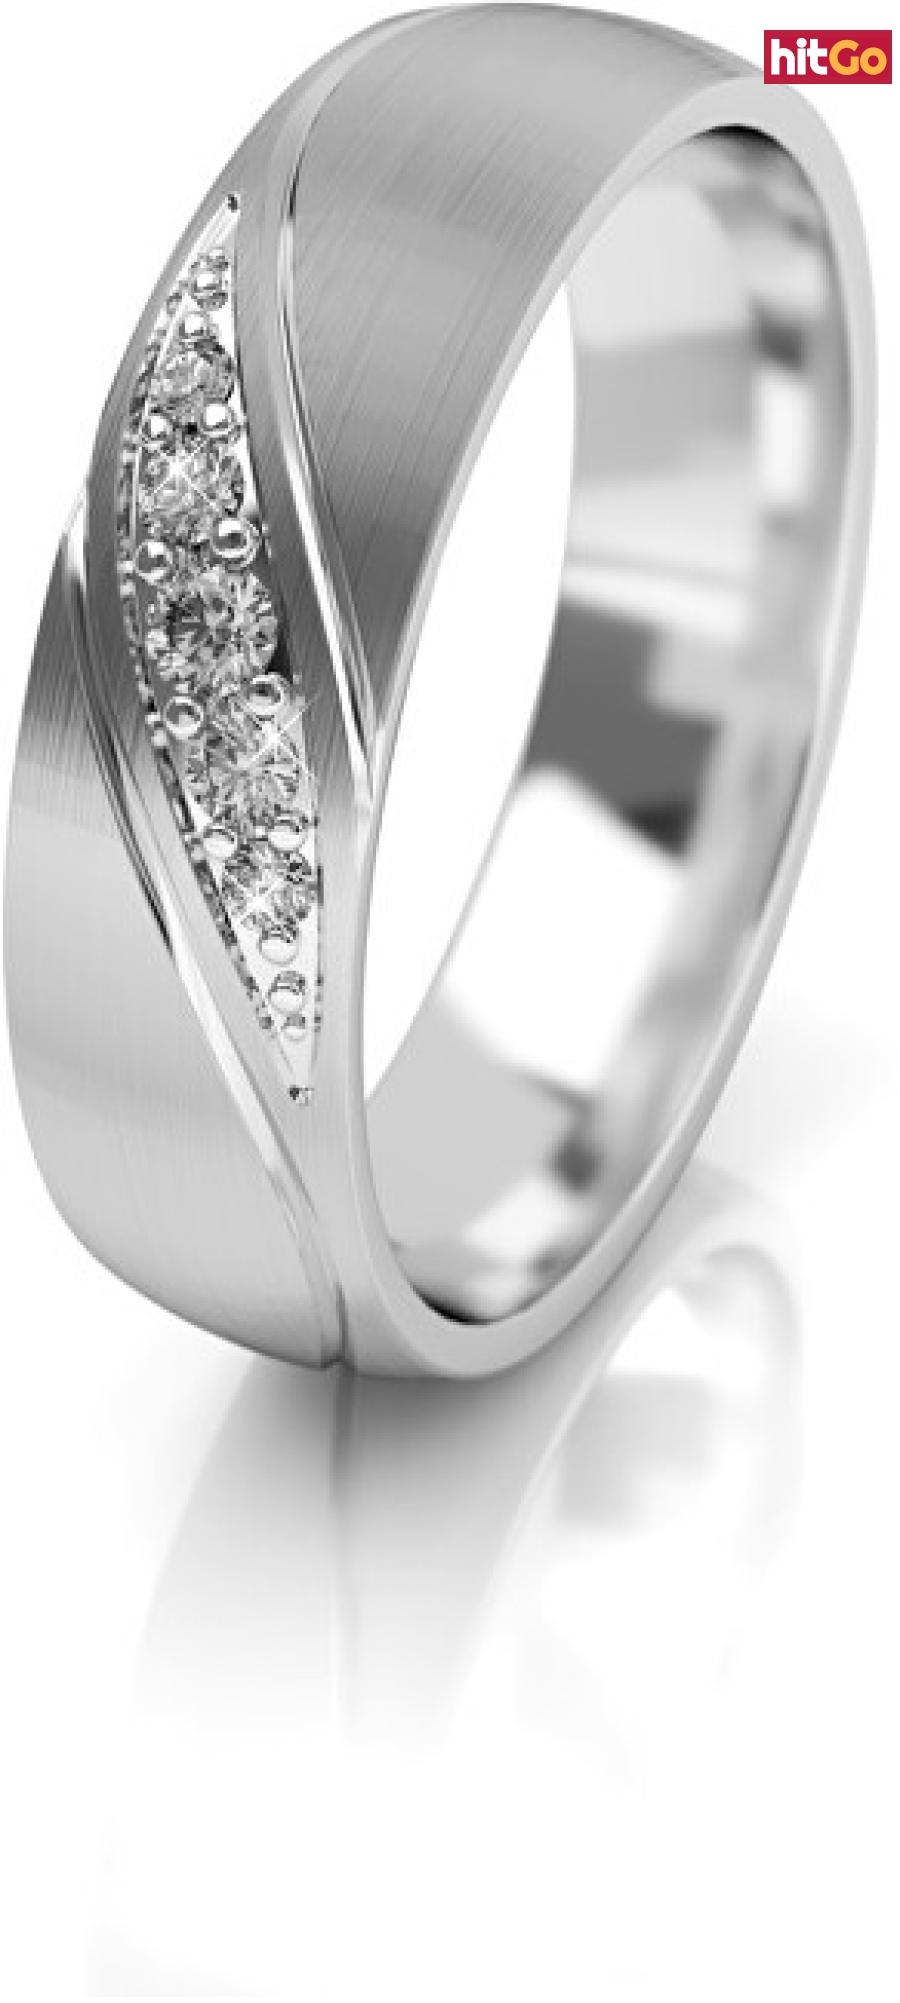 Art Diamond Dámský snubní prsten z bílého zlata se zirkony AUG284 54 mm dámské